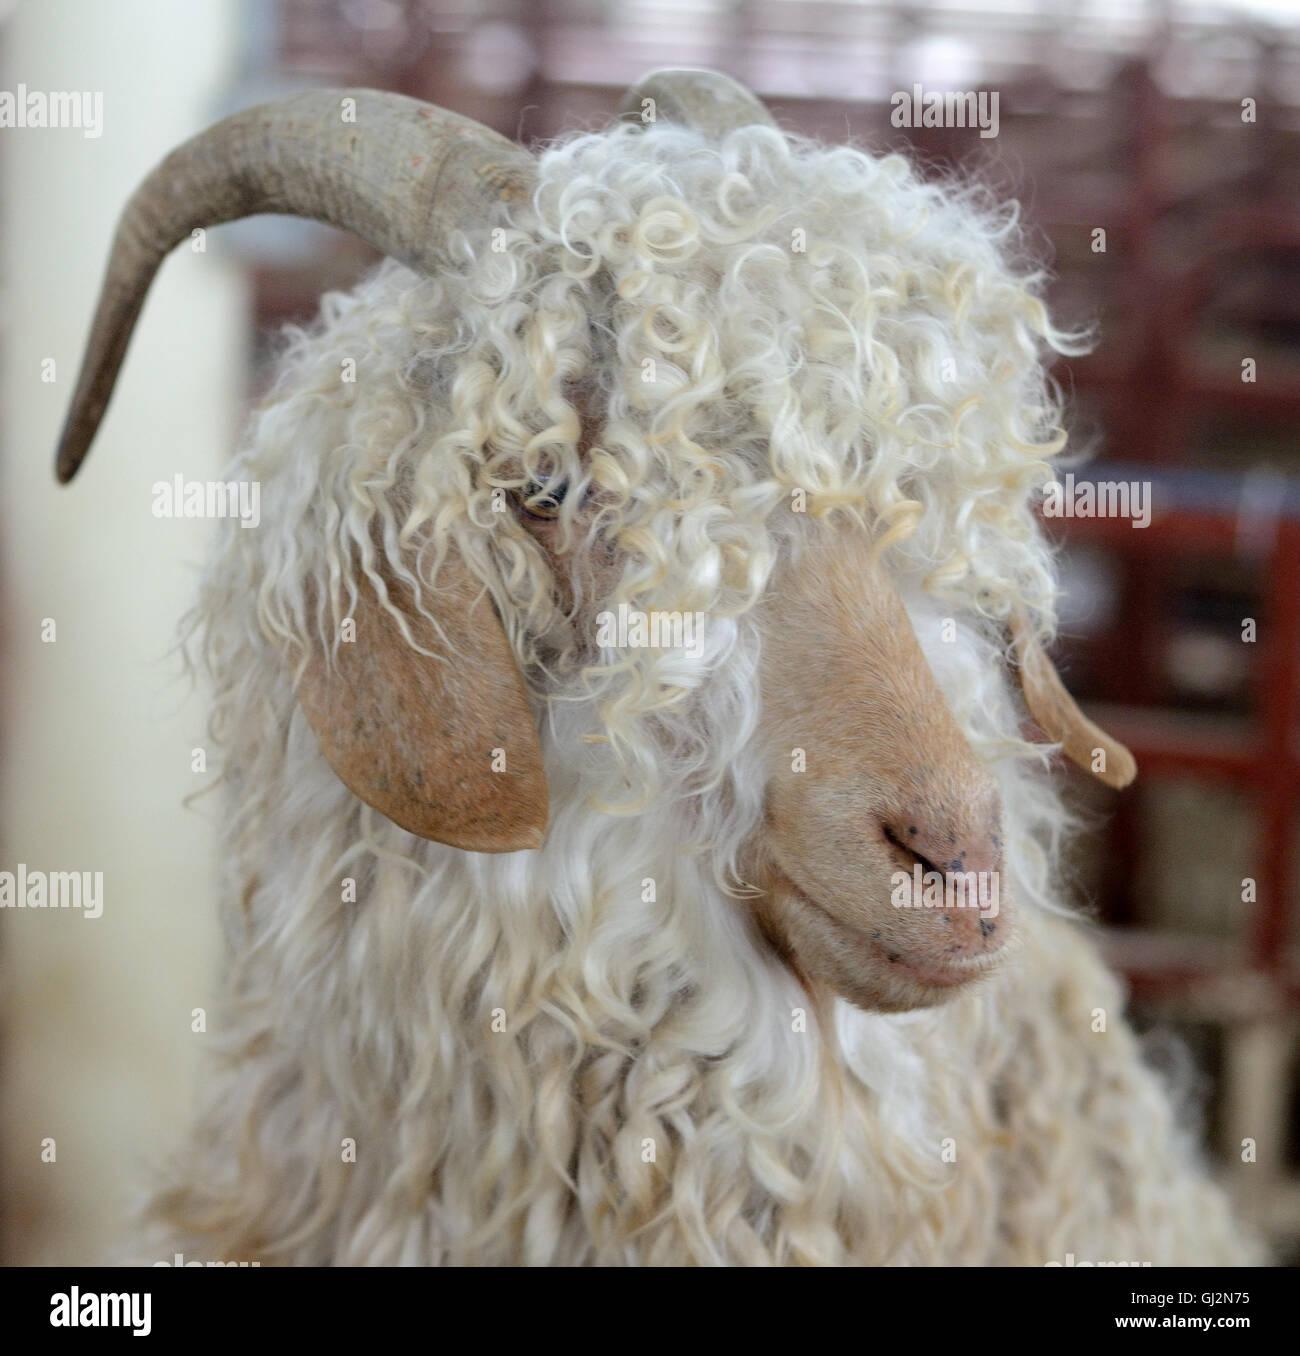 Sheep, long hair - Stock Image